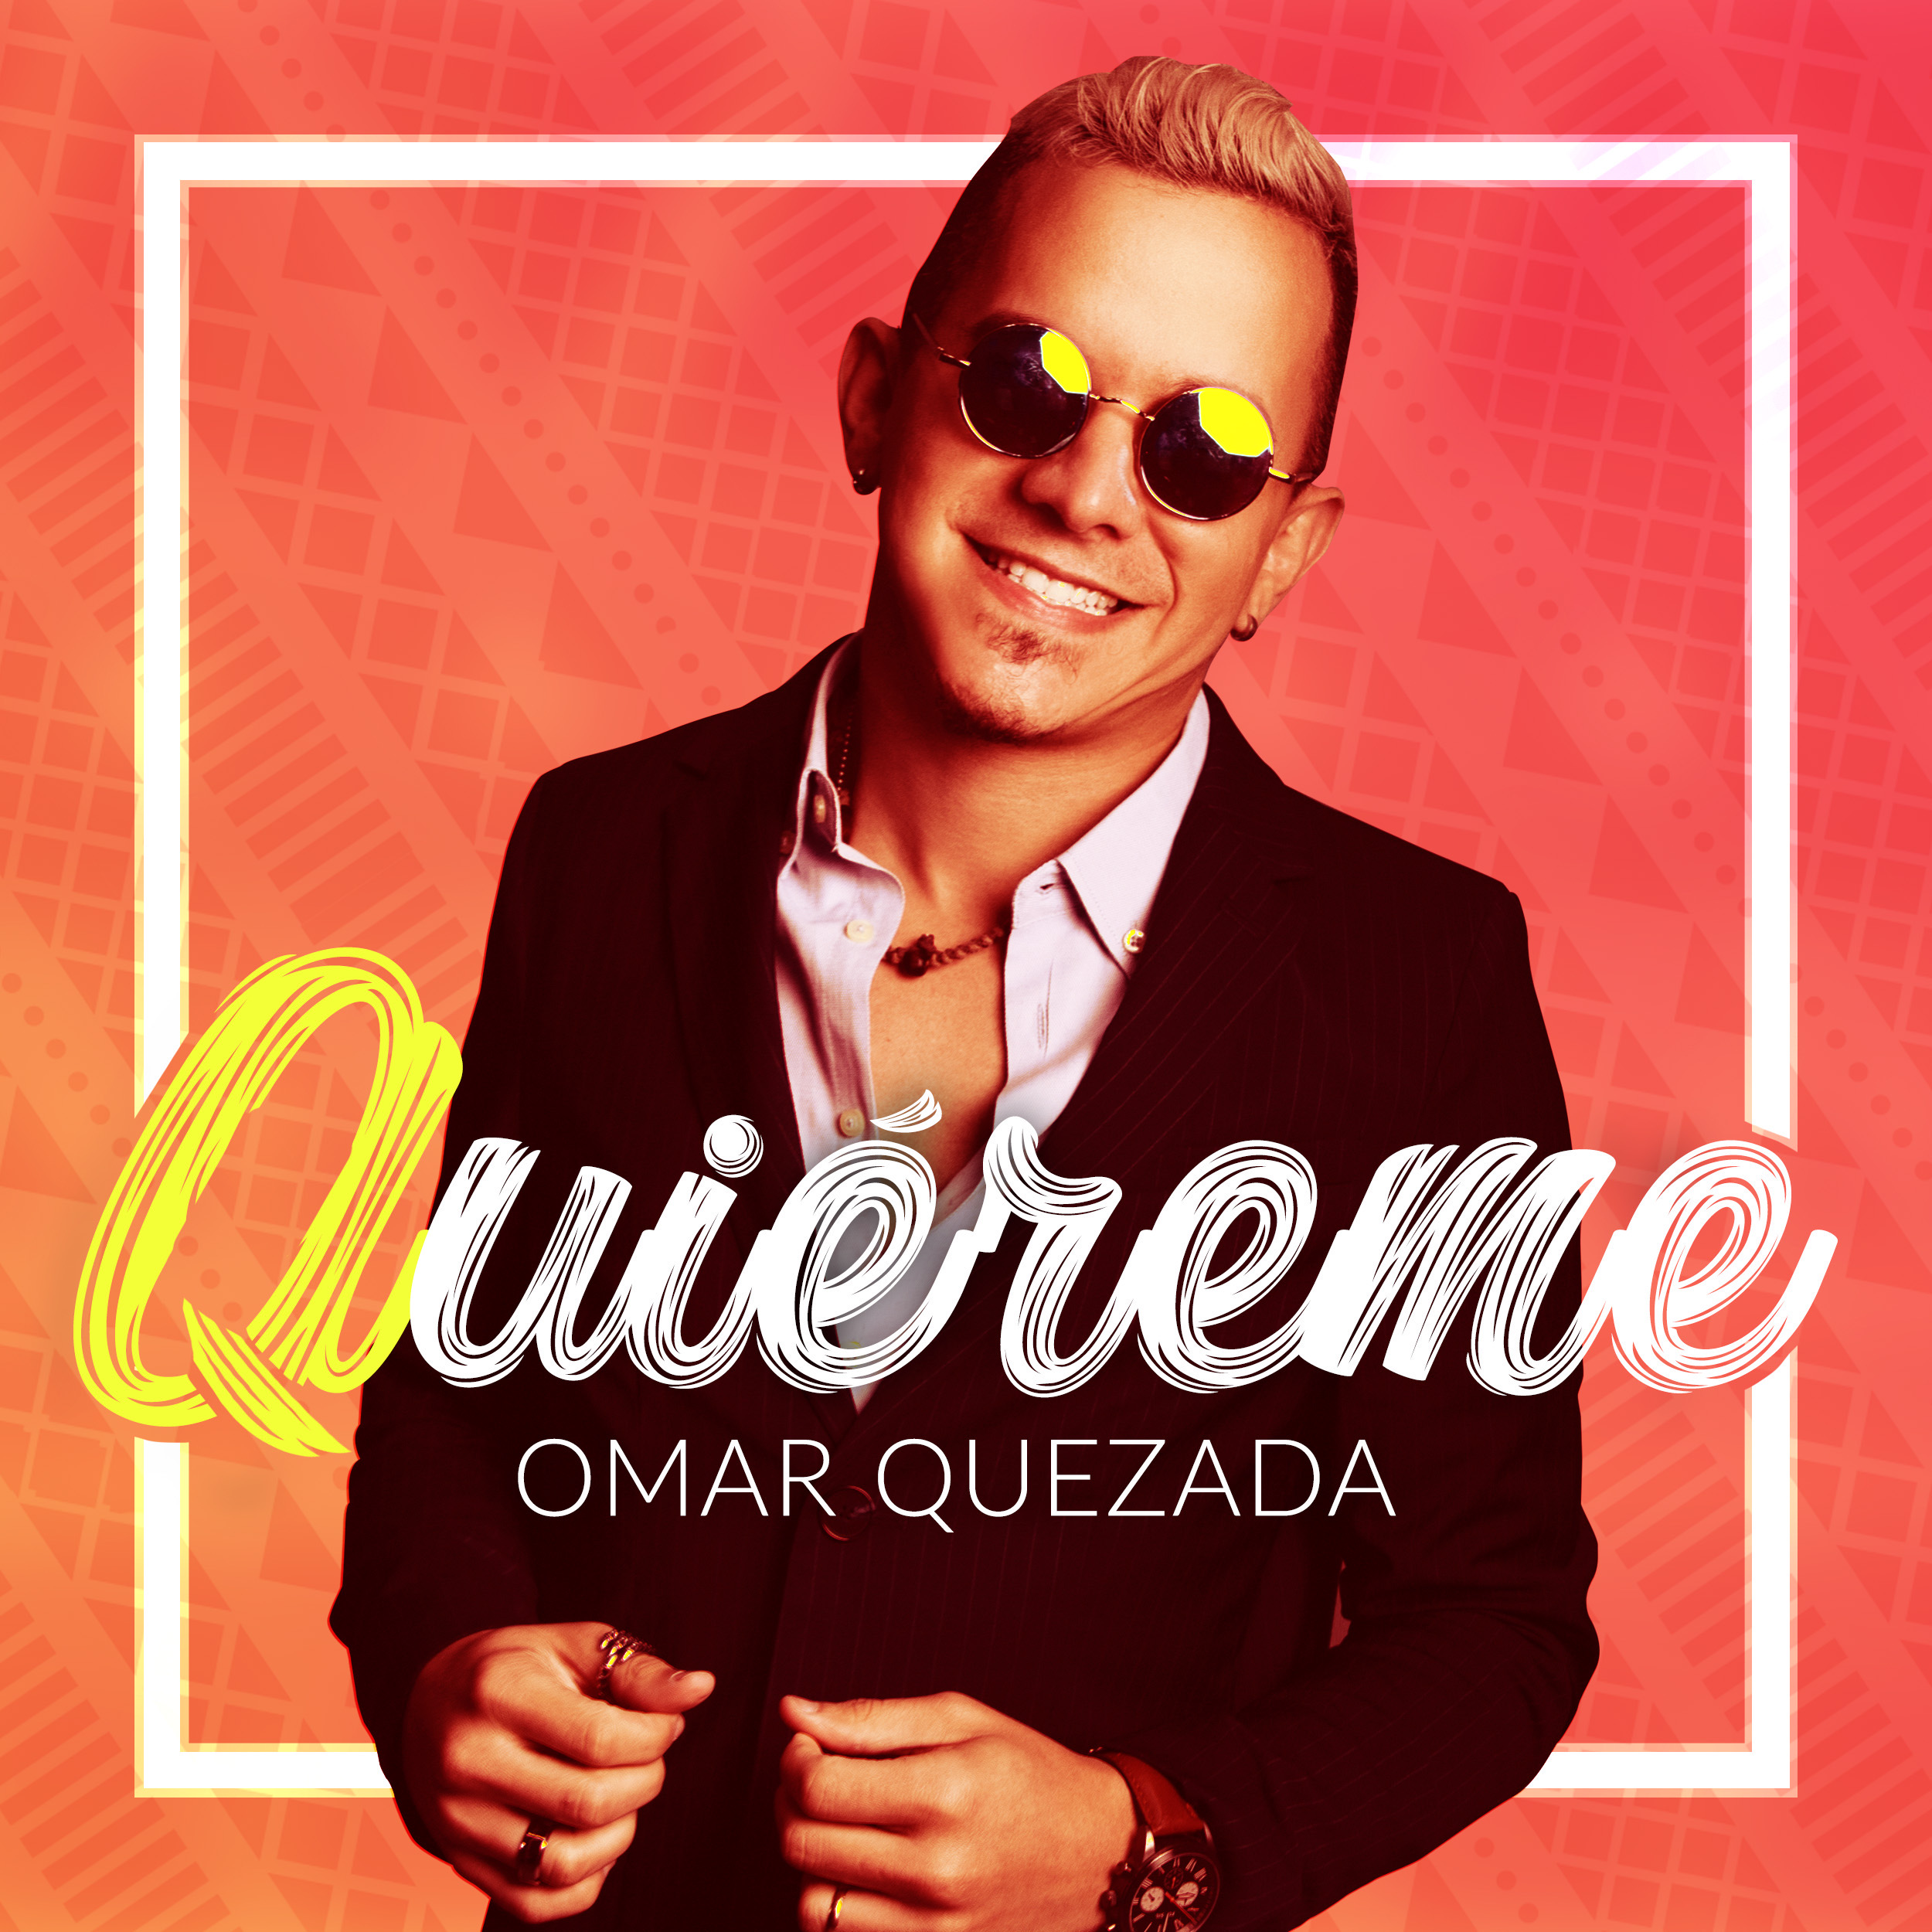 Omar Quezada estrena Quiéreme, a ritmo de vallenato fusionado.